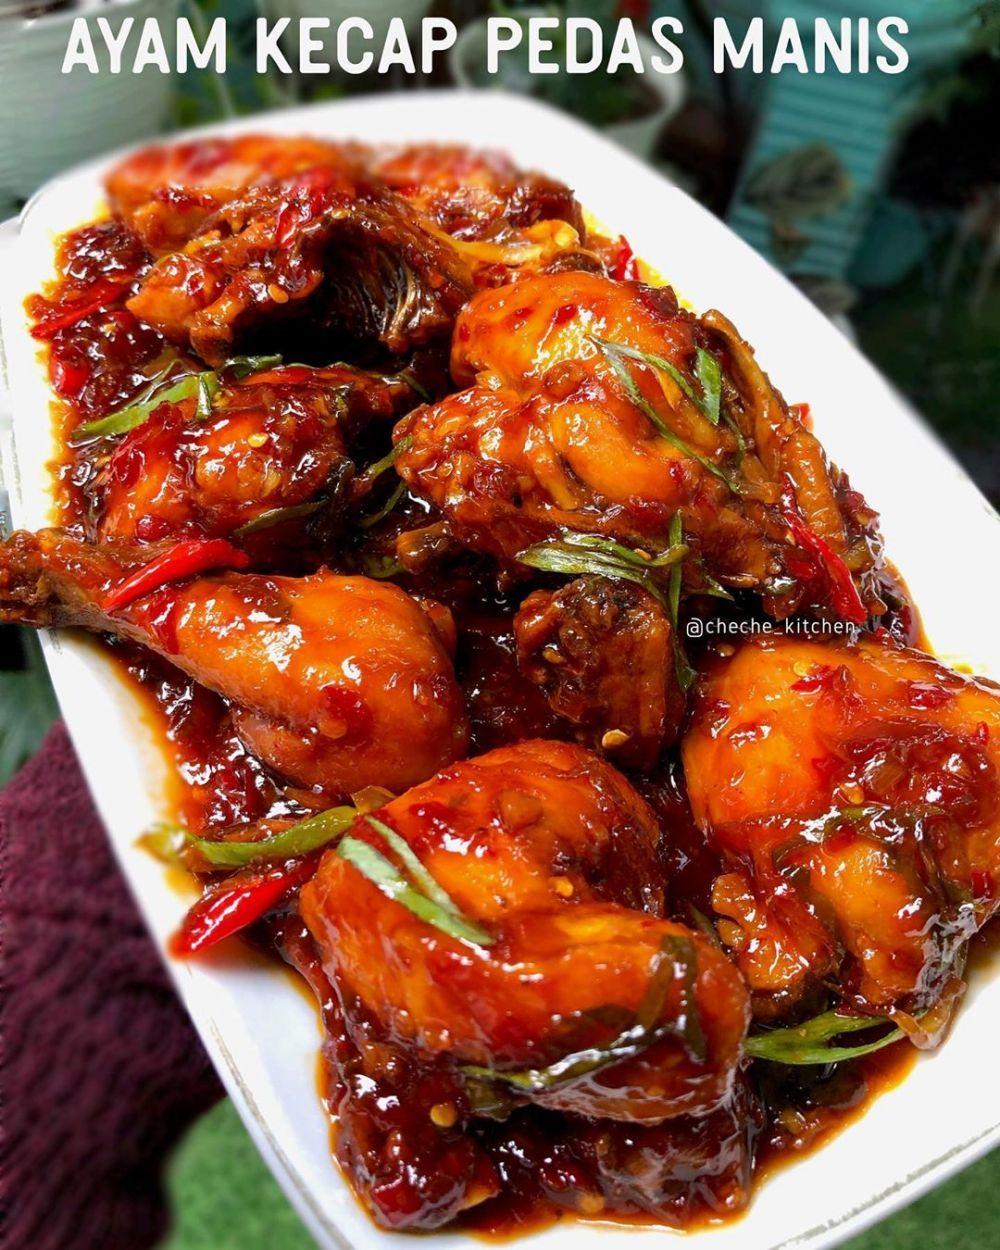 20 Resep Masakan Ayam Paling Enak Instagram Di 2020 Resep Ayam Resep Masakan Resep Makan Malam Sehat